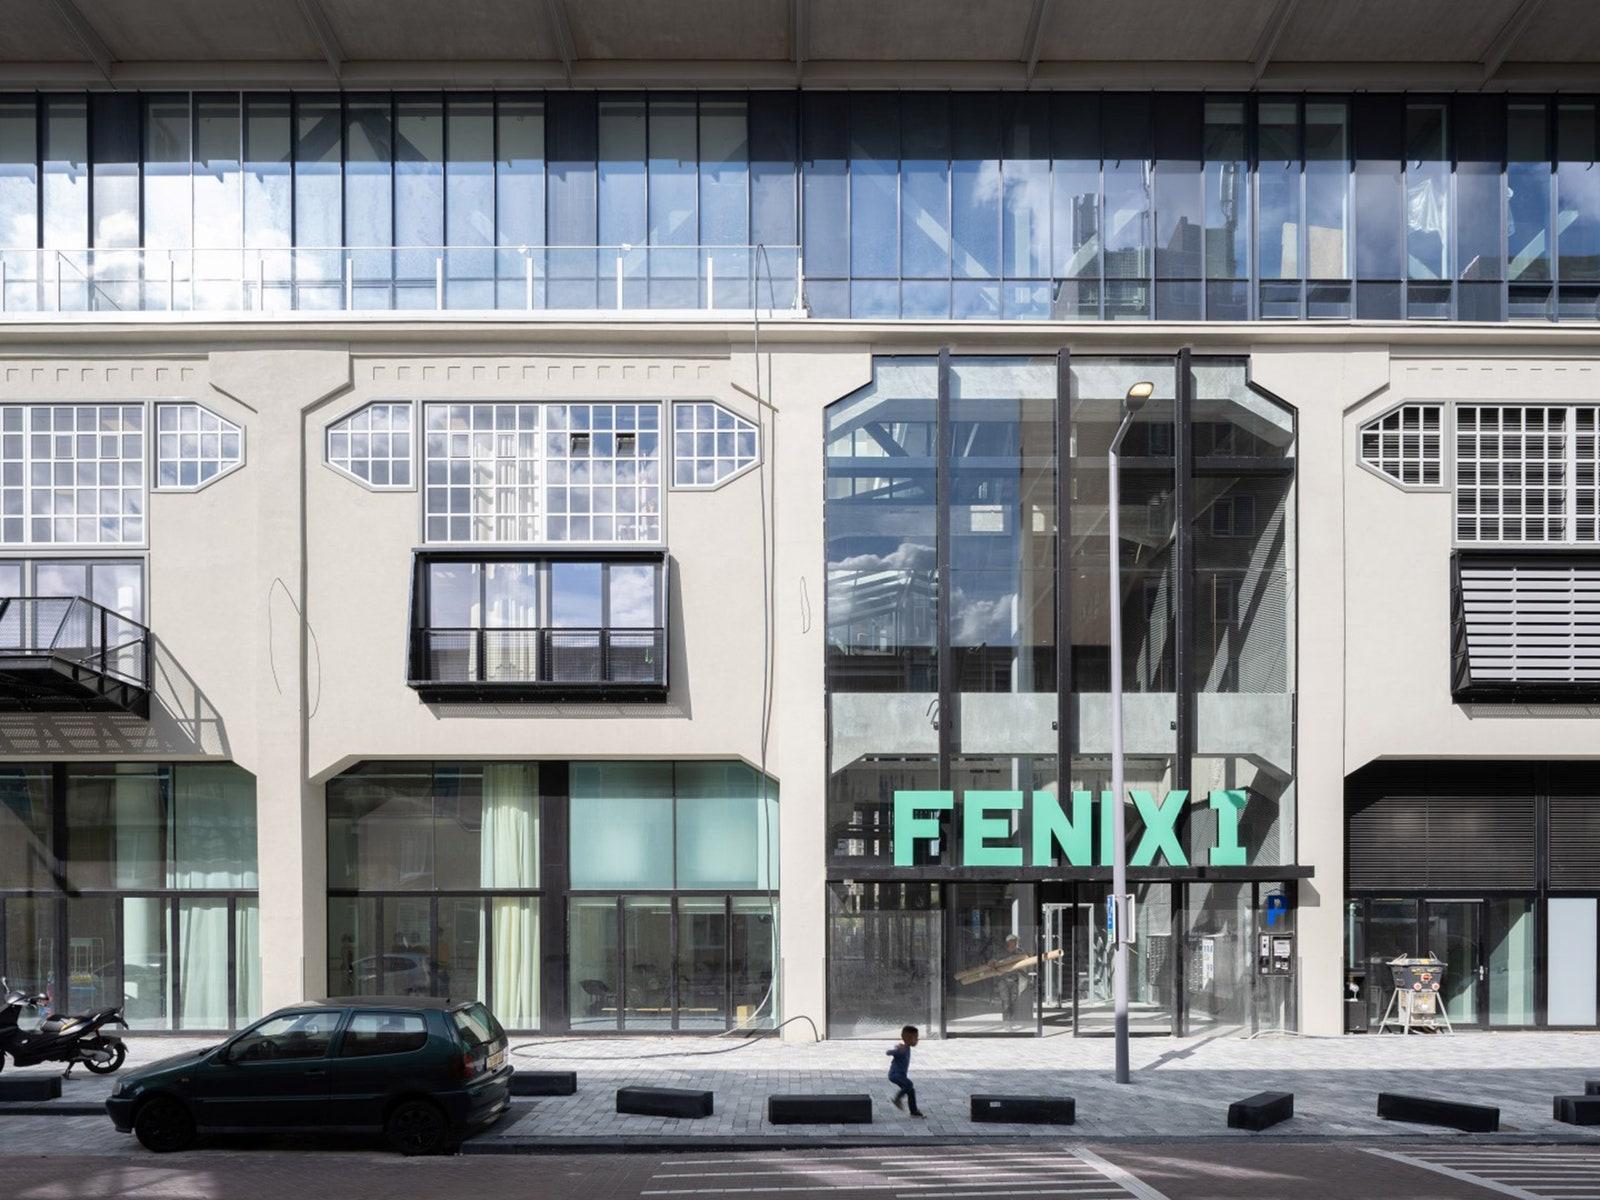 Fenix I